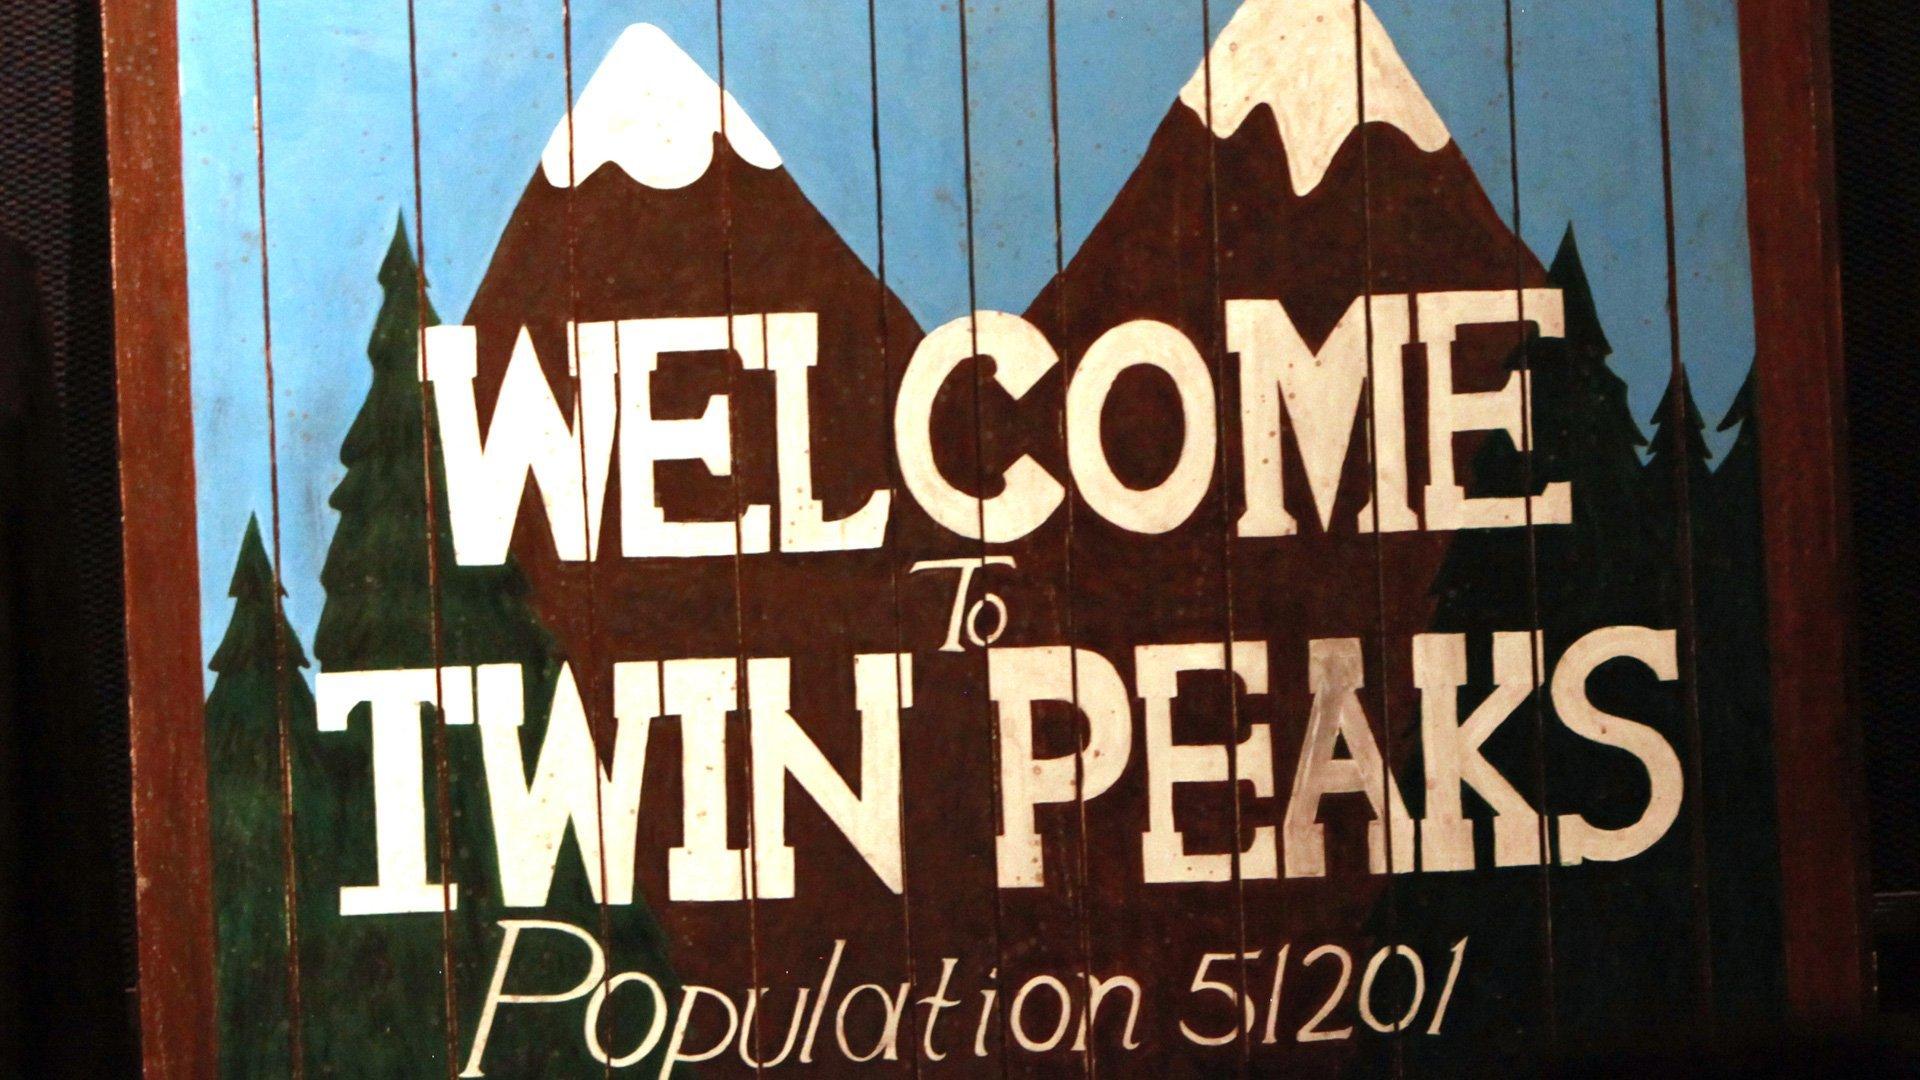 twin peaks wallpaper